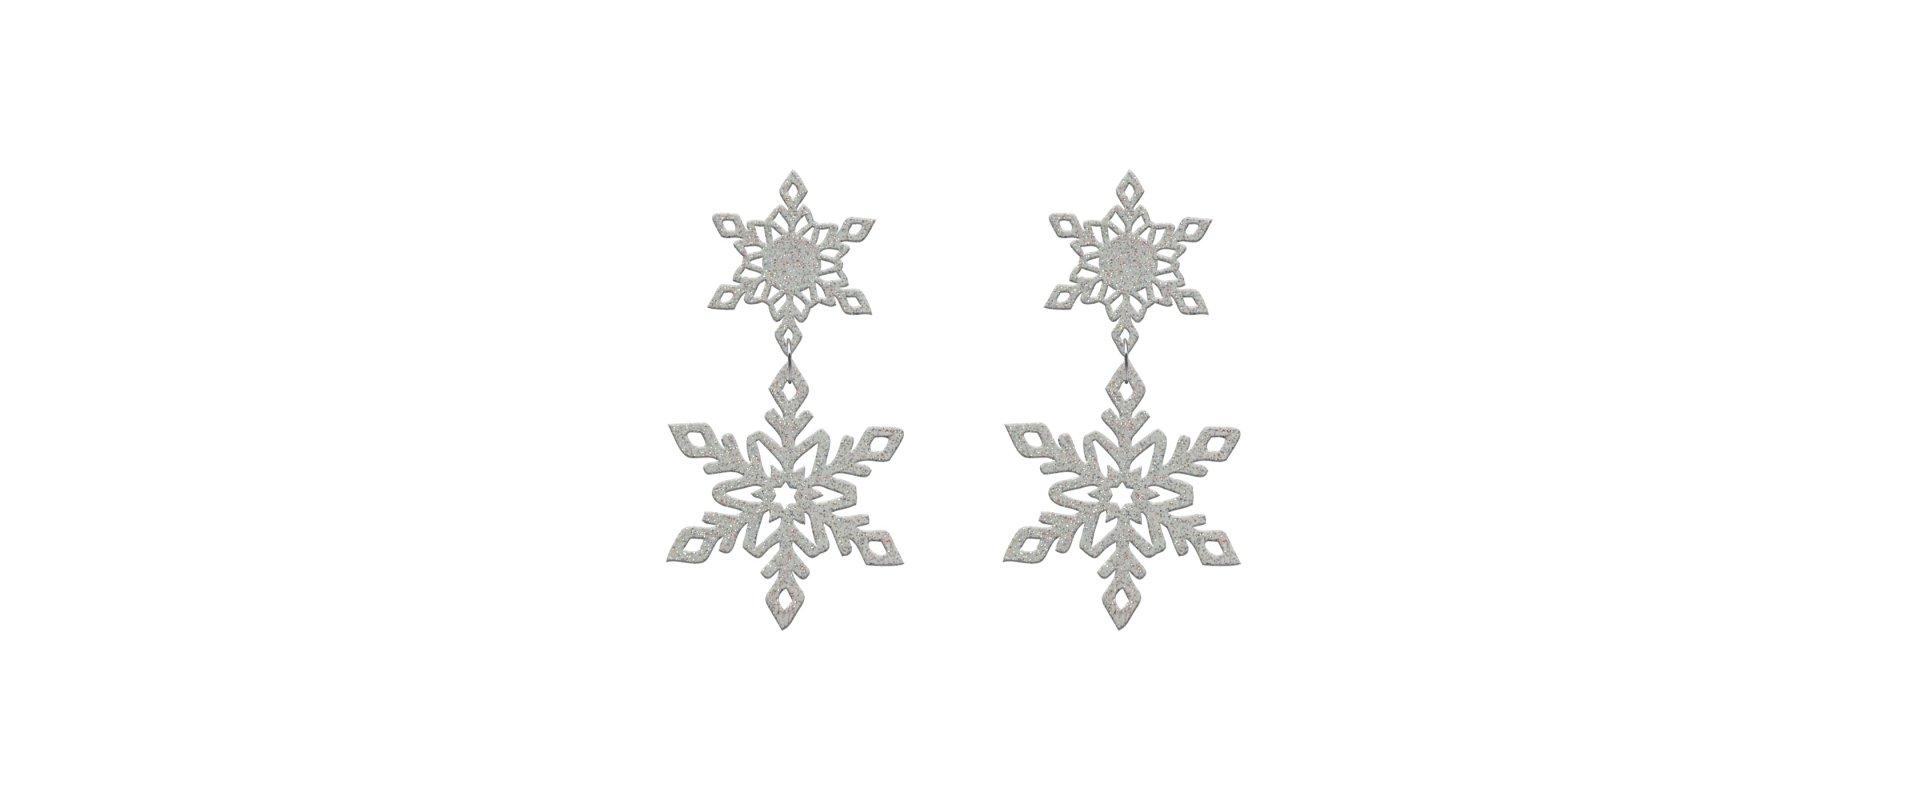 Earrings polar mini in online store anabi.online